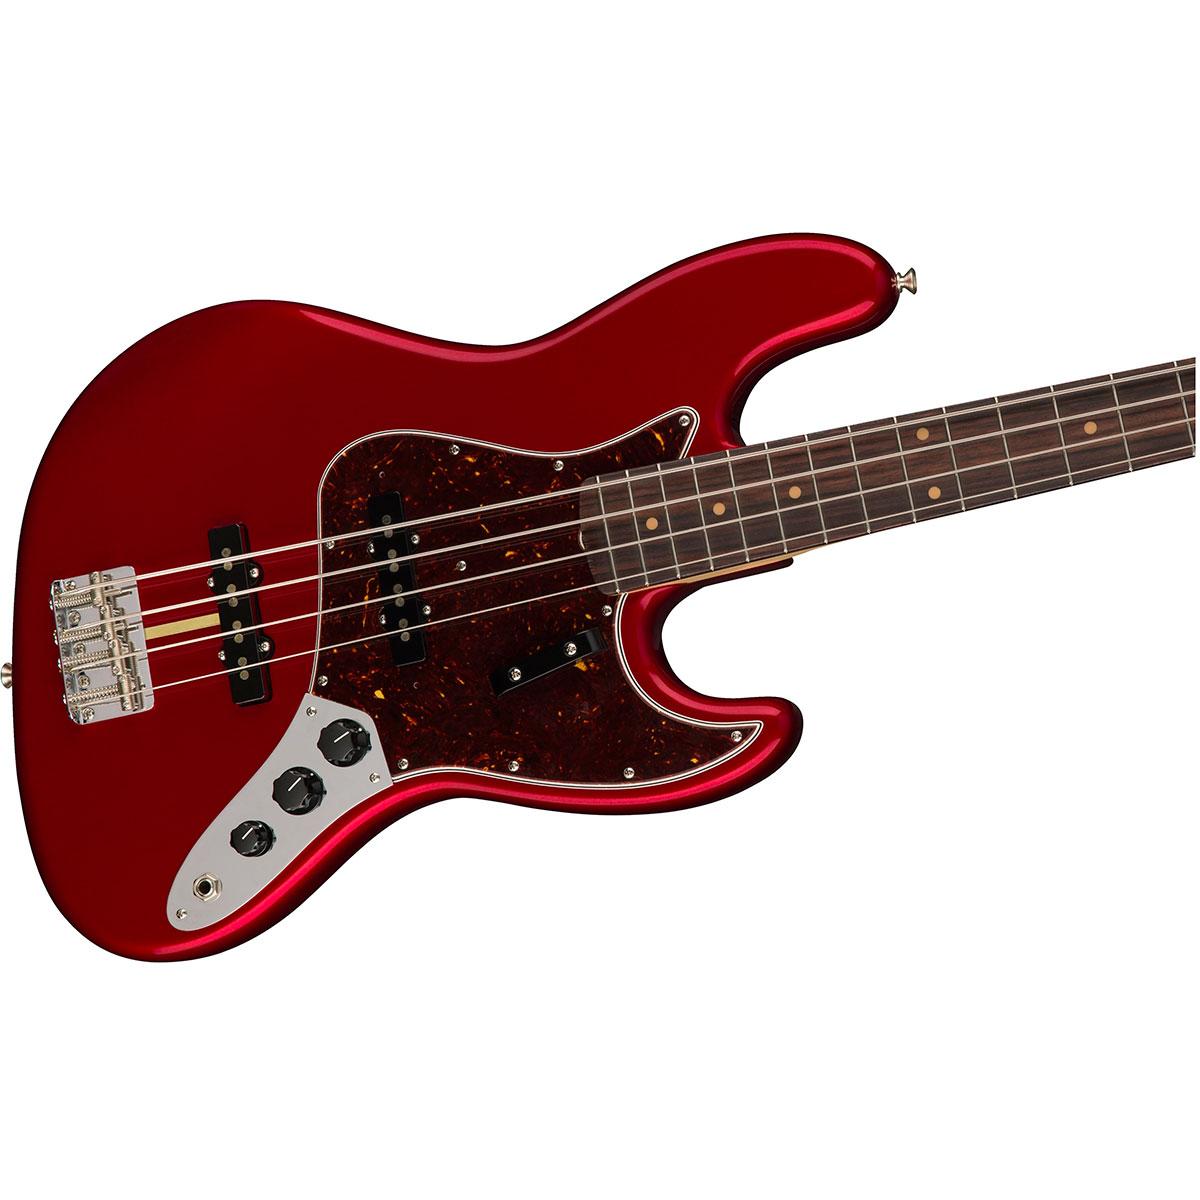 Circuito De Bajo Jazz Bass : Fender american original s jazz bass rw car bajo eléctrico